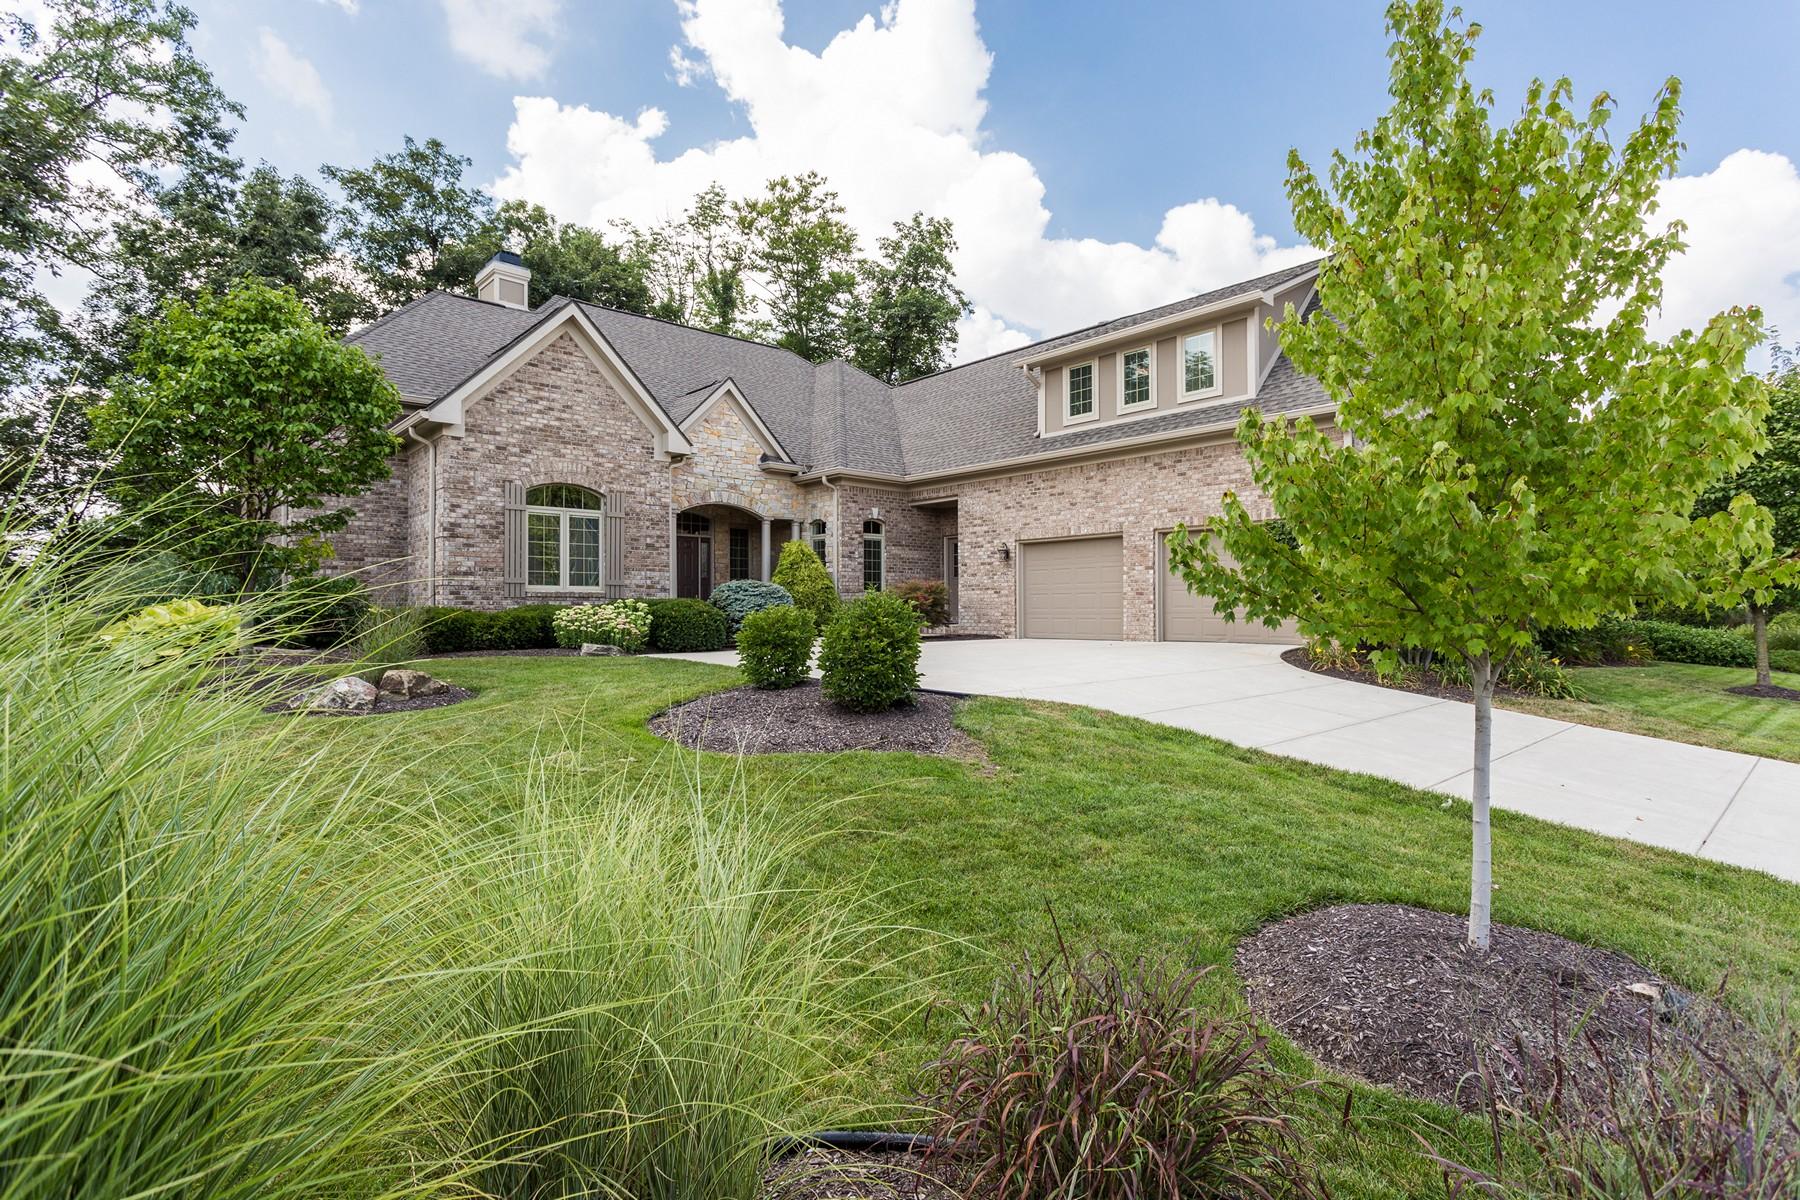 一戸建て のために 売買 アット Exceptional Bridgewater Residence 15636 Hawks Way Carmel, インディアナ, 46033 アメリカ合衆国